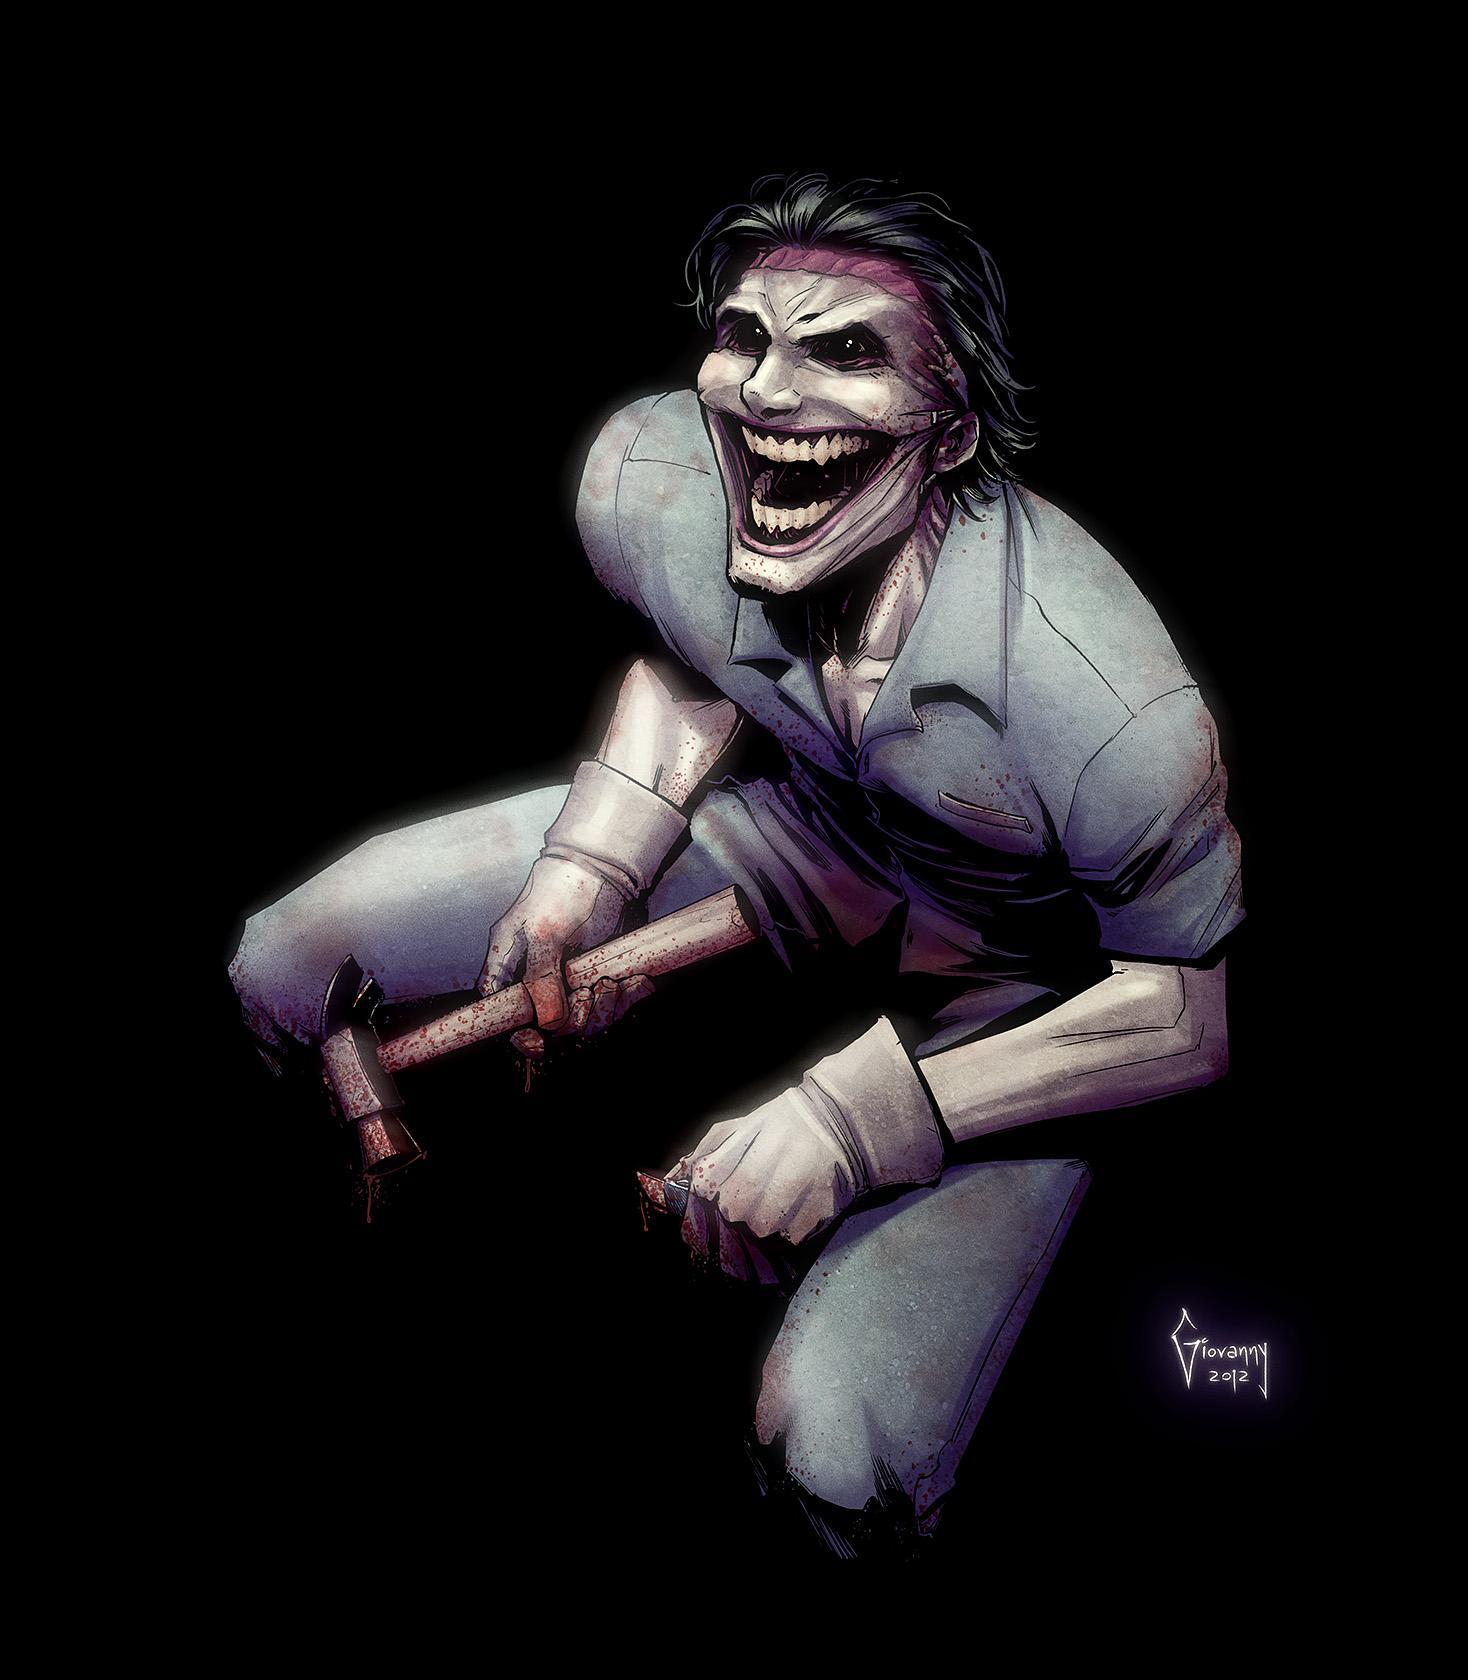 Joker • Giovanny Gava